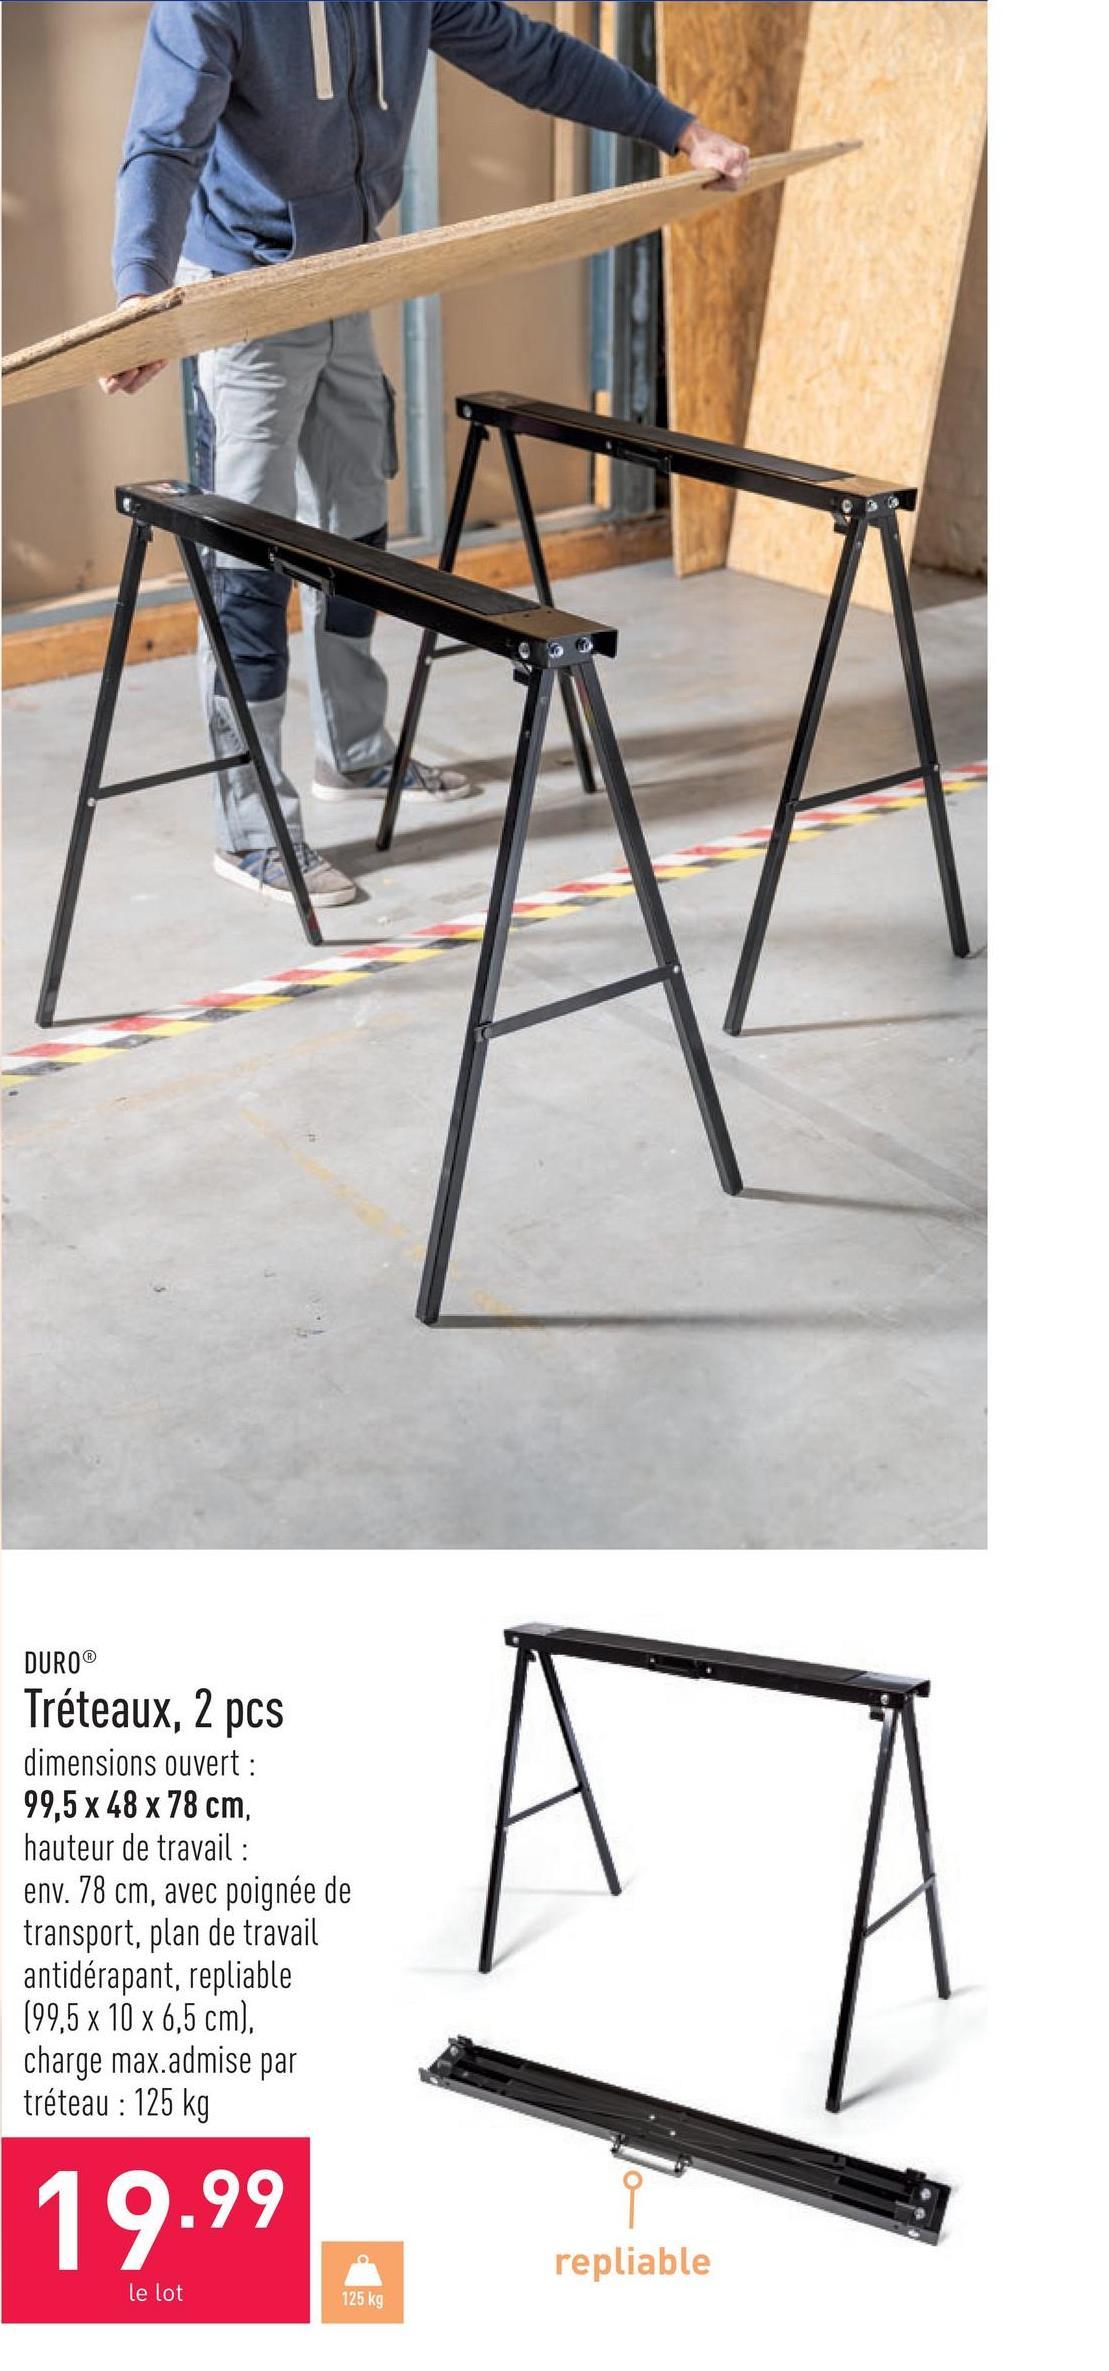 Tréteaux, 2 pcs dimensions ouvert : 99,5 x 48 x 78 cm, hauteur de travail : env. 78 cm, avec poignée de transport, plan de travail antidérapant, repliable (99,5 x 10 x 6,5 cm), charge max. admise par tréteau : 125 kg